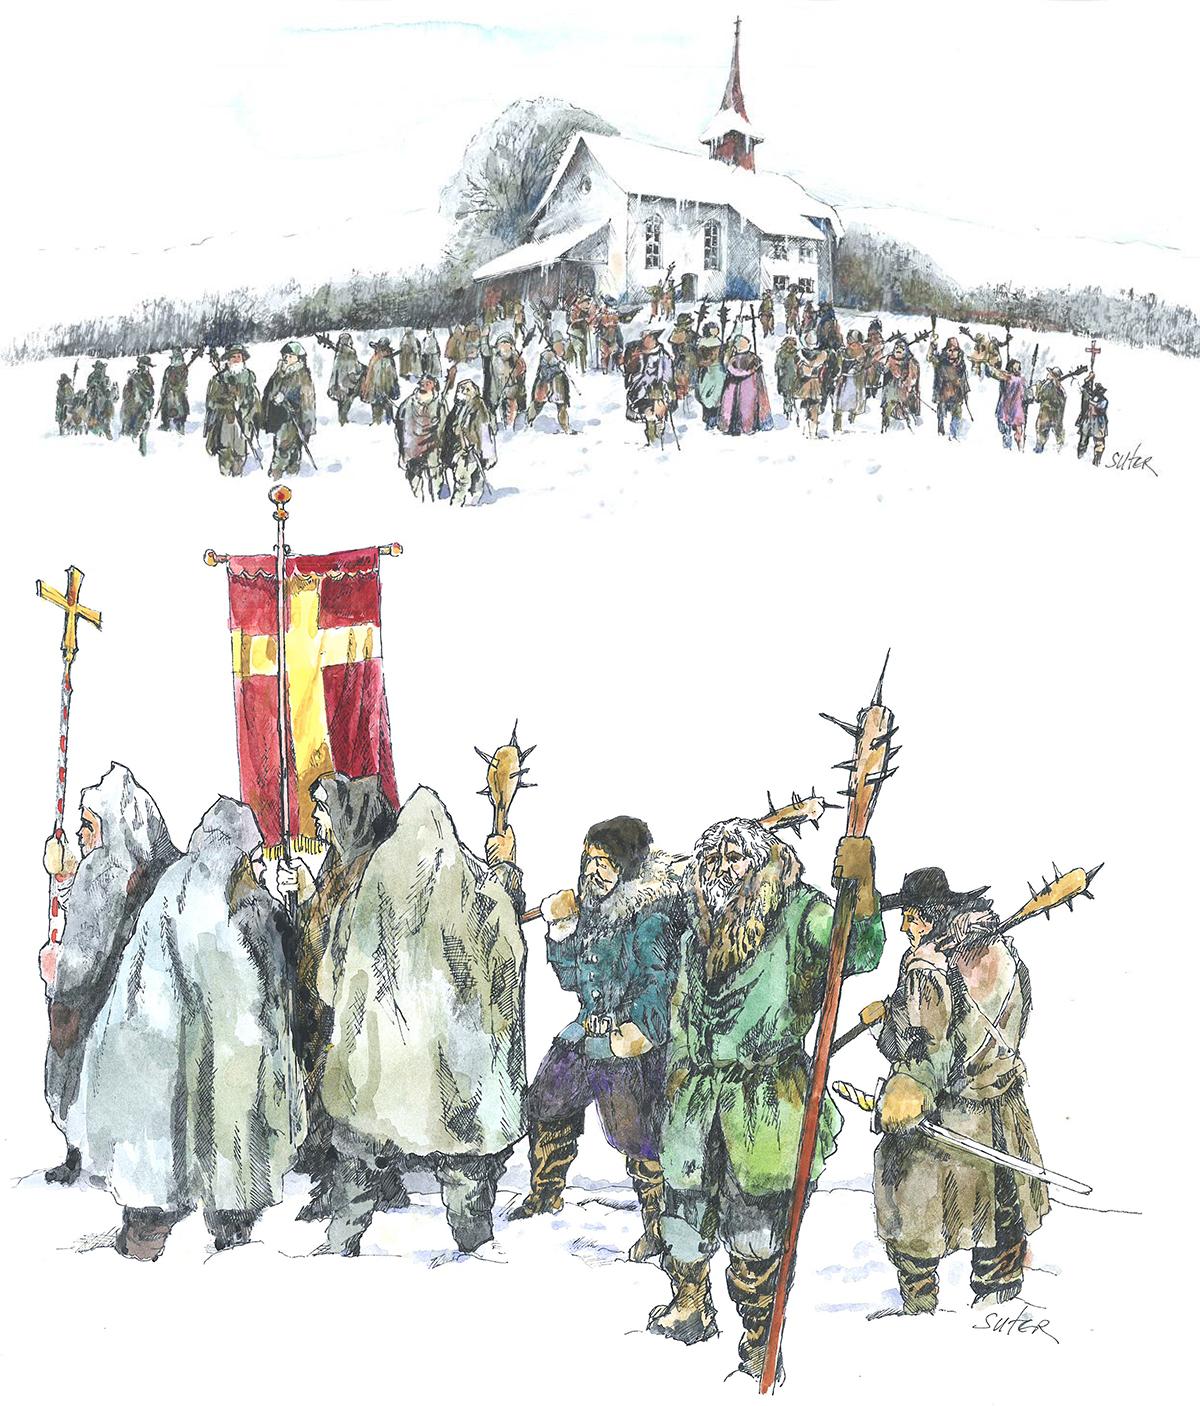 So könnte sich die Landeswallfahrt der Entlebucher zum Heiligkreuz 1653 abgespielt haben. Illustration: Ludwig Suter, Beromünster